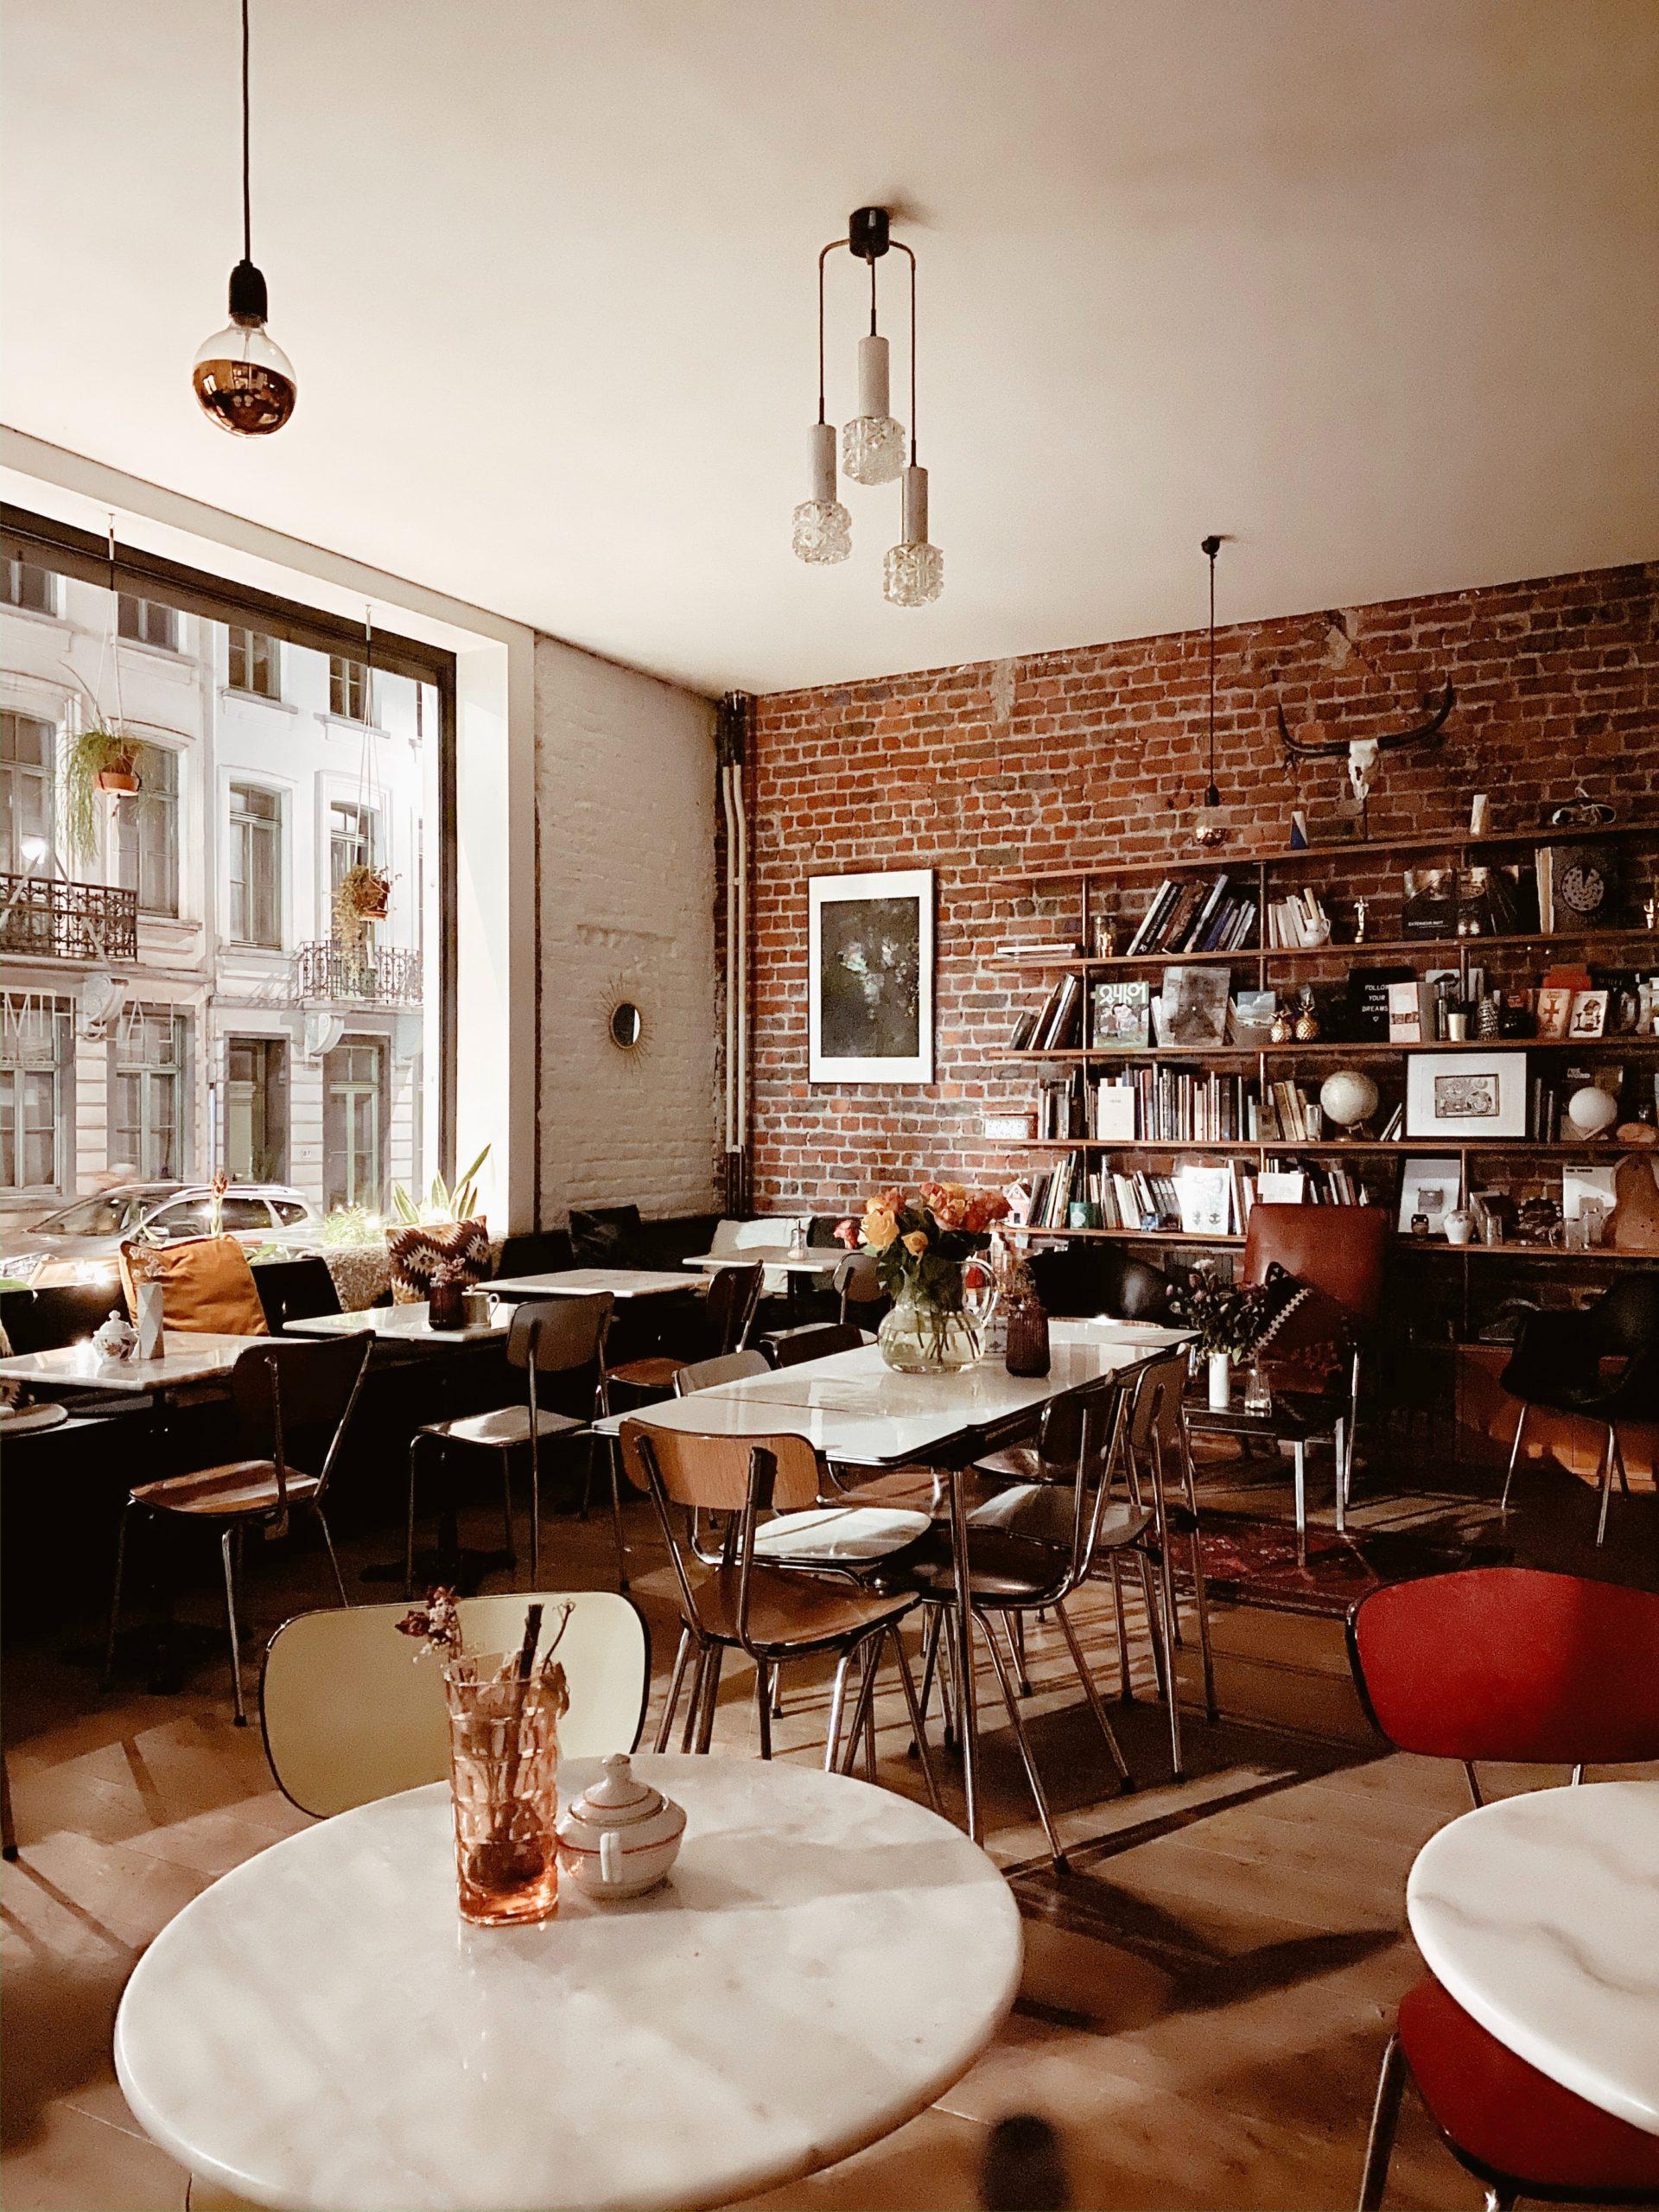 Une aide régionale de 3.000 euros pour les bars et cafés bruxellois obligés de fermer